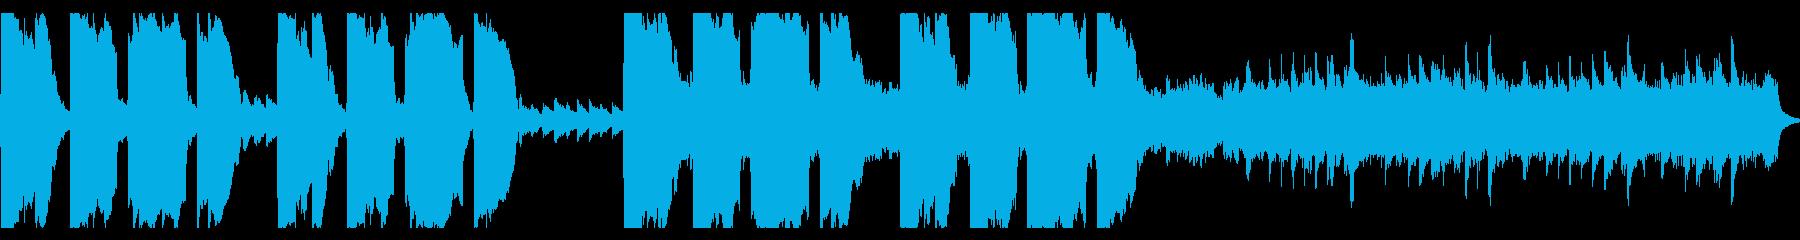 王道ファンタジーRPG 廃墟の再生済みの波形